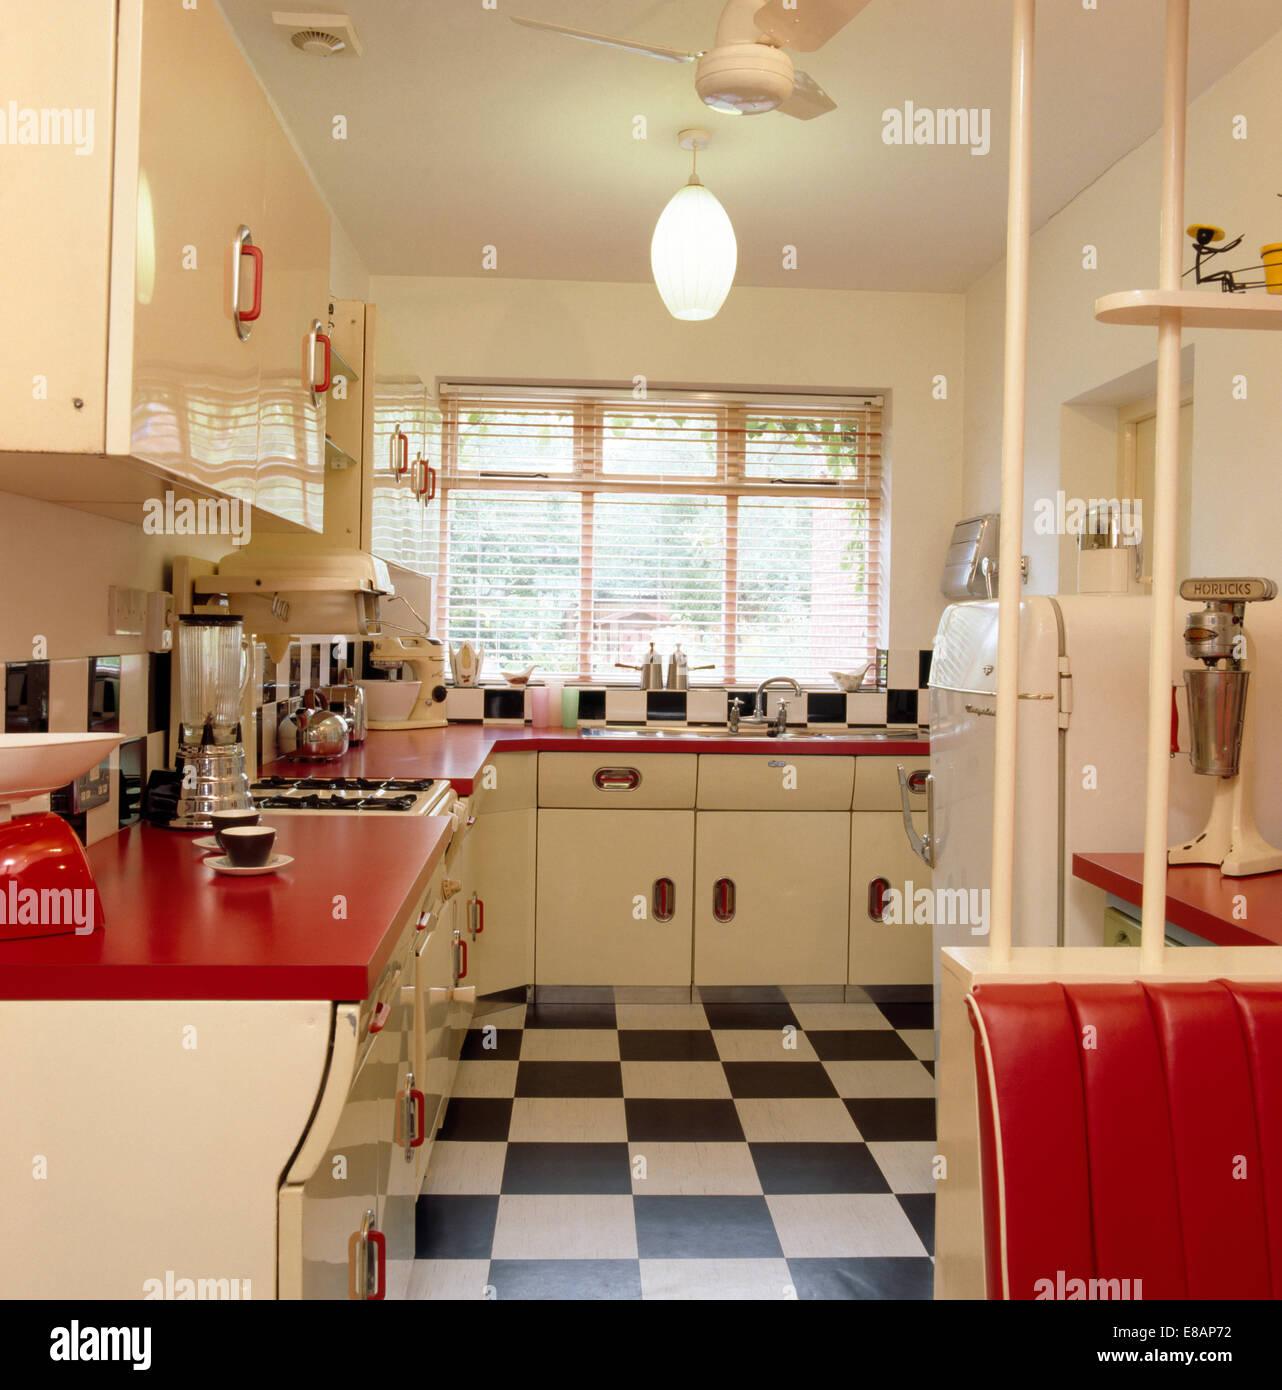 schwarz wei gefliesten vinylboden 50er jahre k che mit roten arbeitsplatten auf wei en. Black Bedroom Furniture Sets. Home Design Ideas